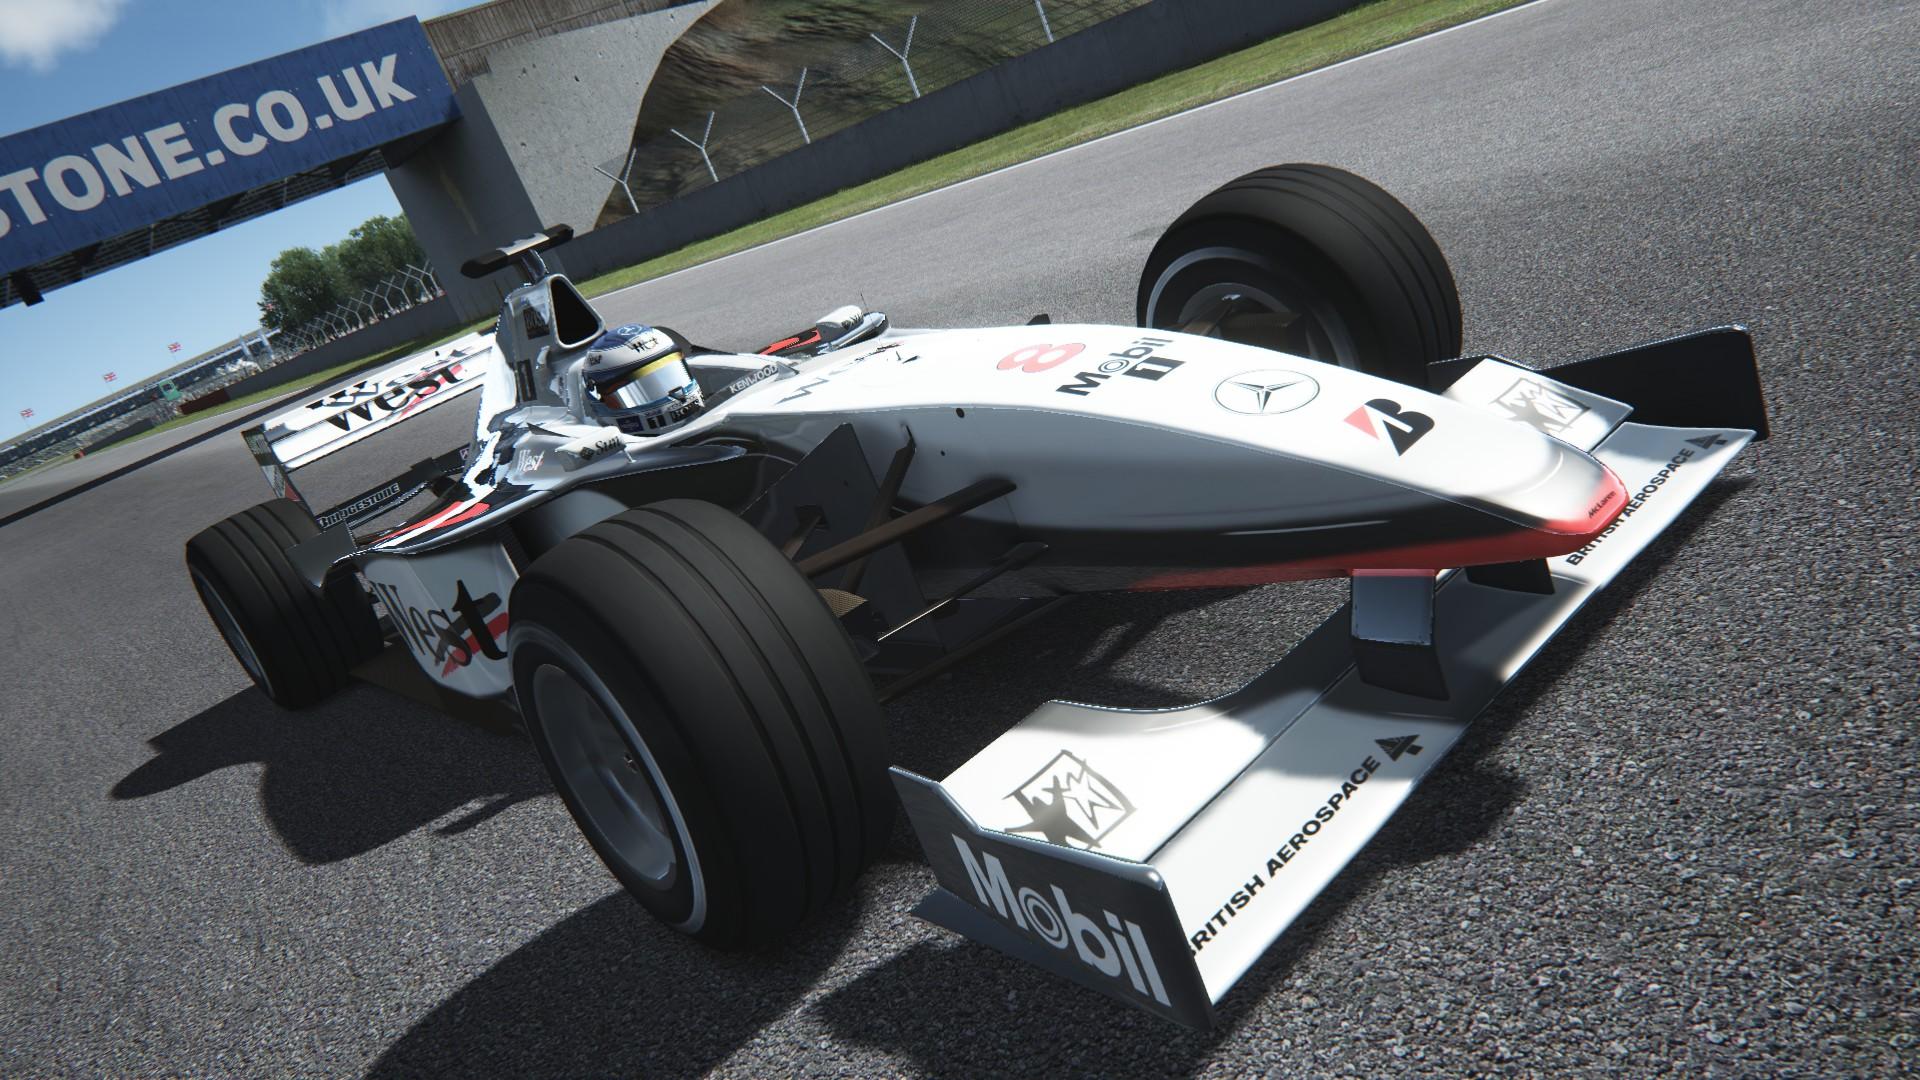 Assetto Corsa -  Mclaren mp4-13 by Virtua simulazioni Silverstone 07